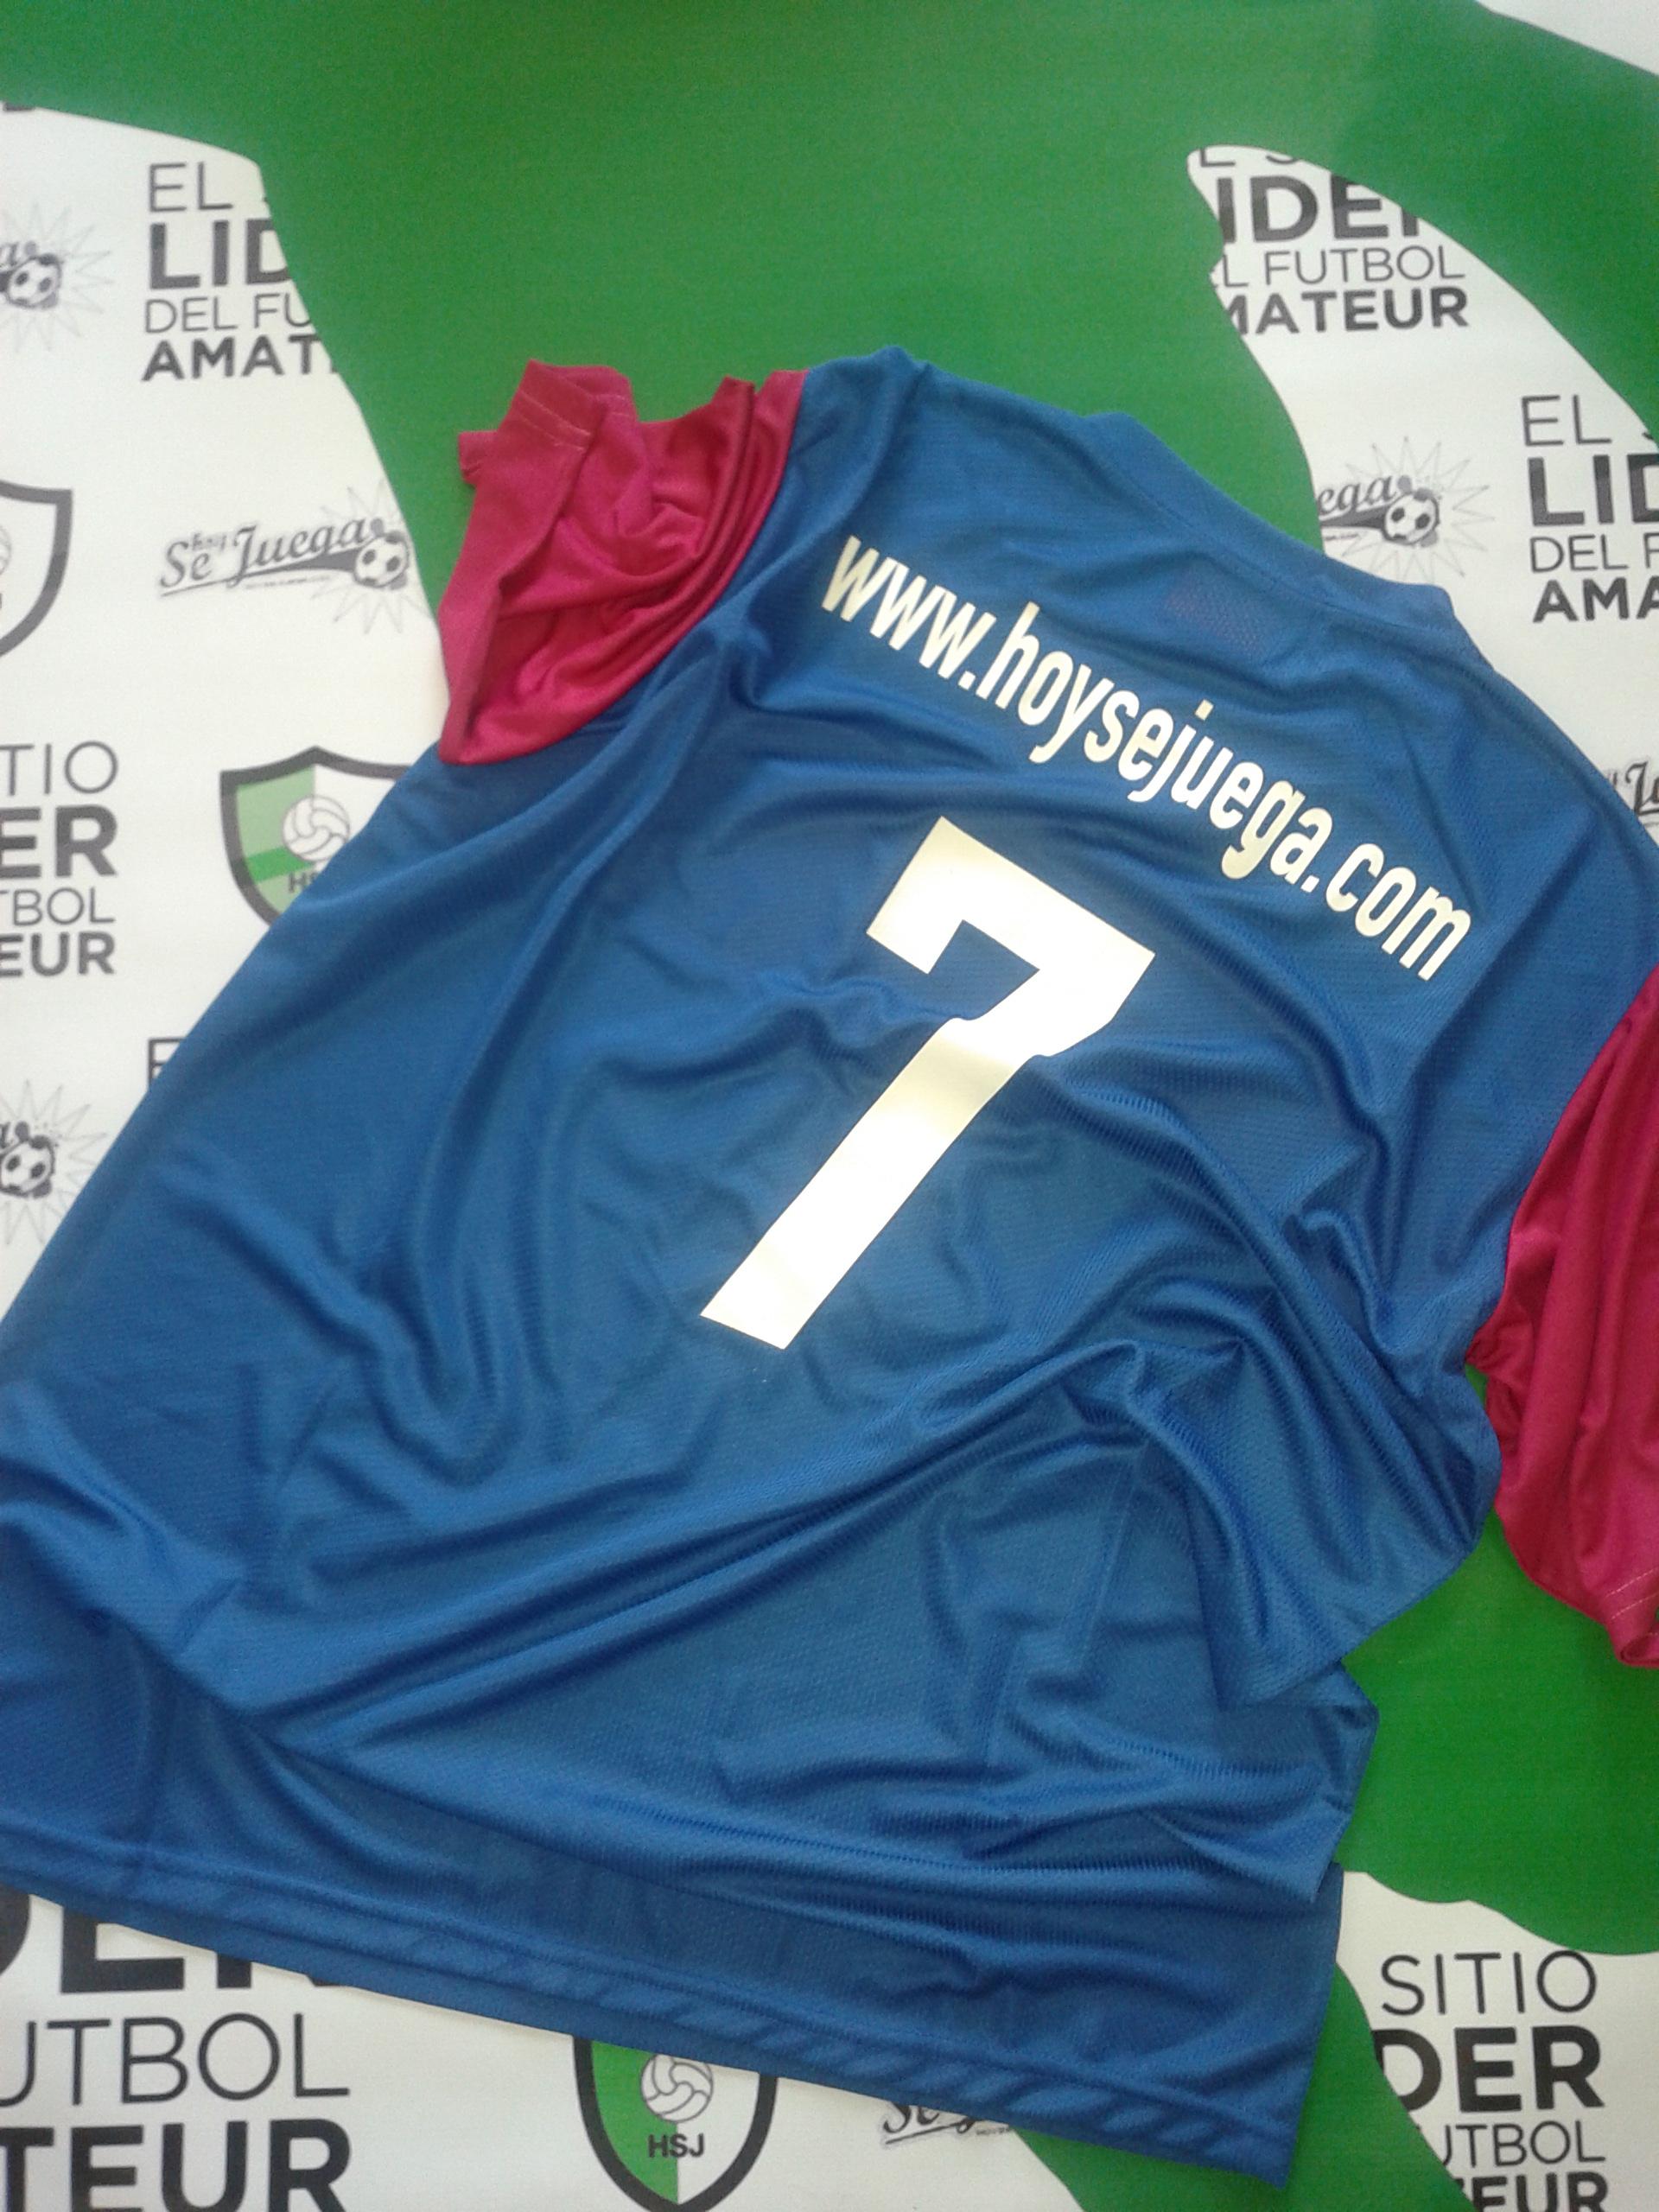 El sitio líder del fútbol amateur envía las camisetas del concurso para Morón, Argentina!